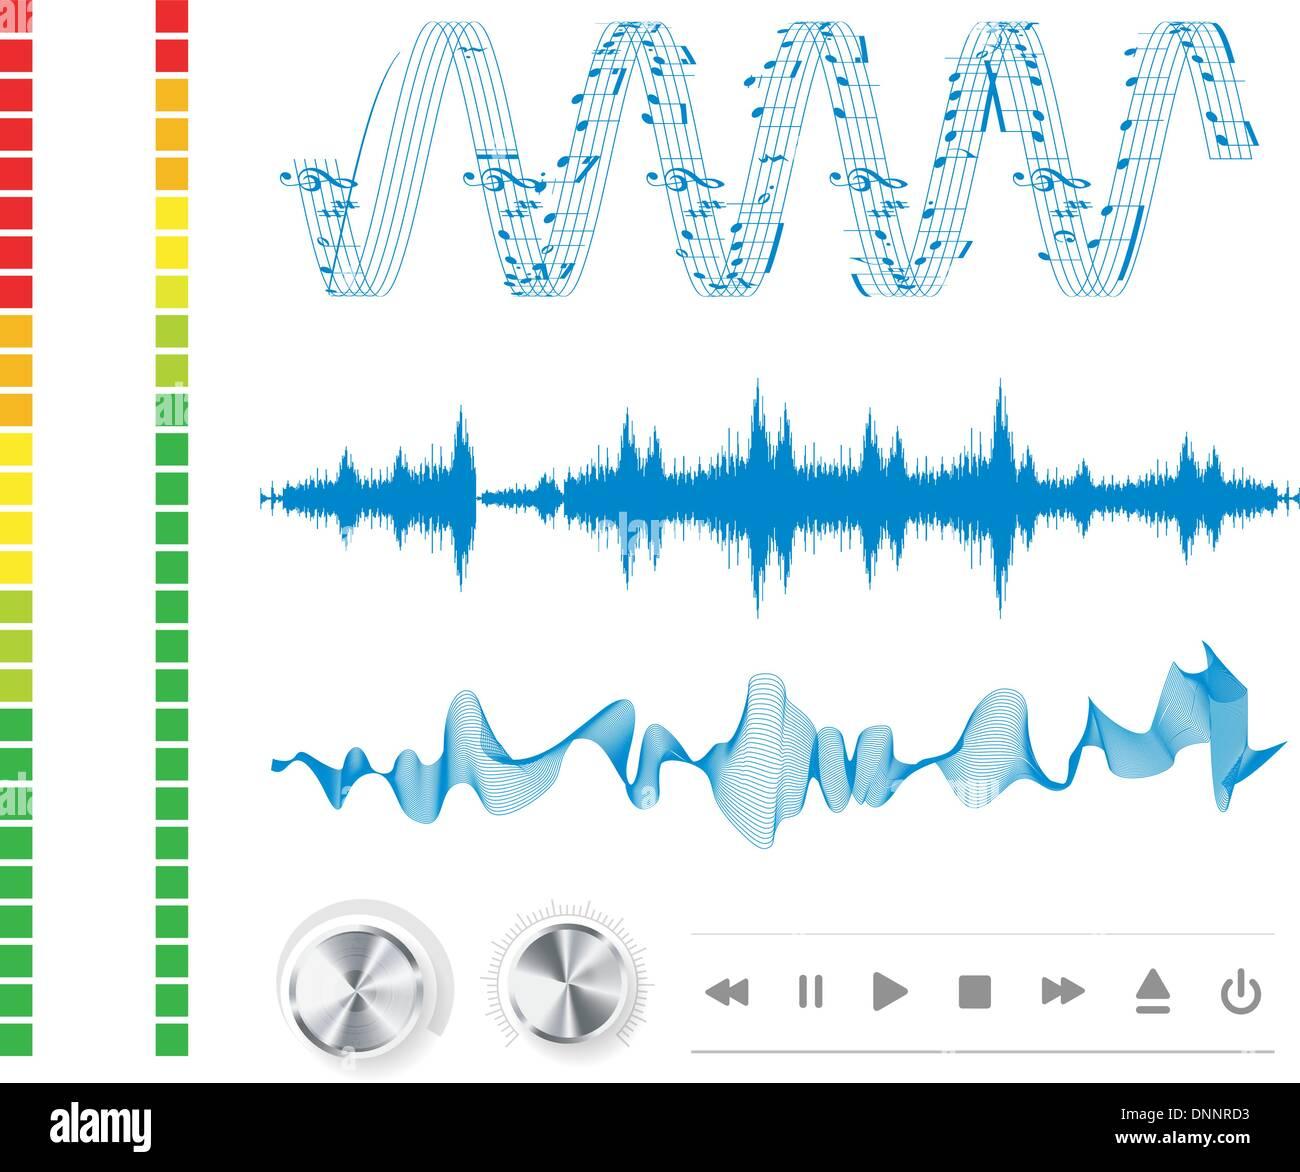 Les notes, les boutons et les ondes sonores. Arrière-plan de la musique. Photo Stock